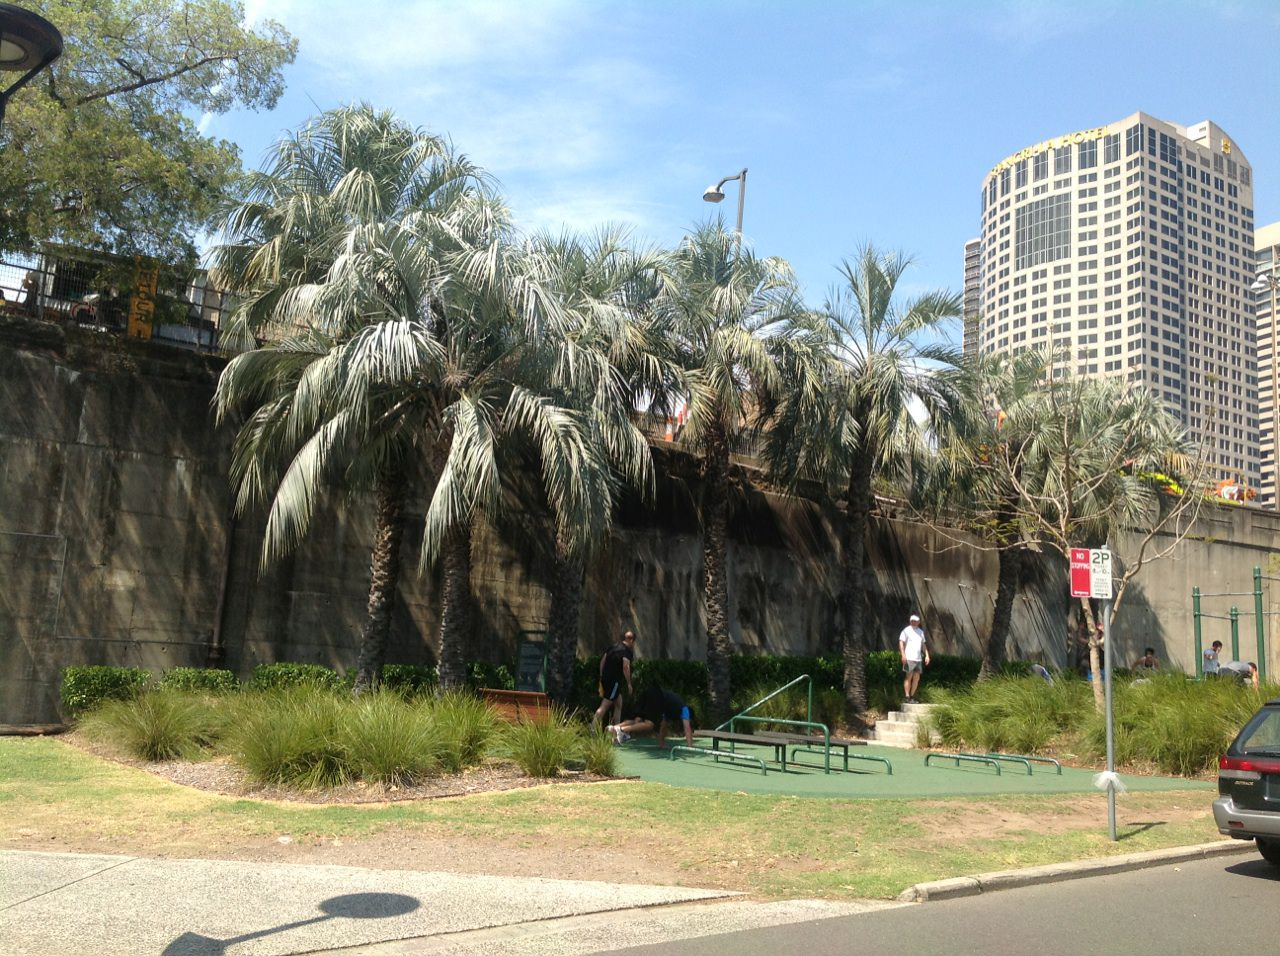 Jelly Palms